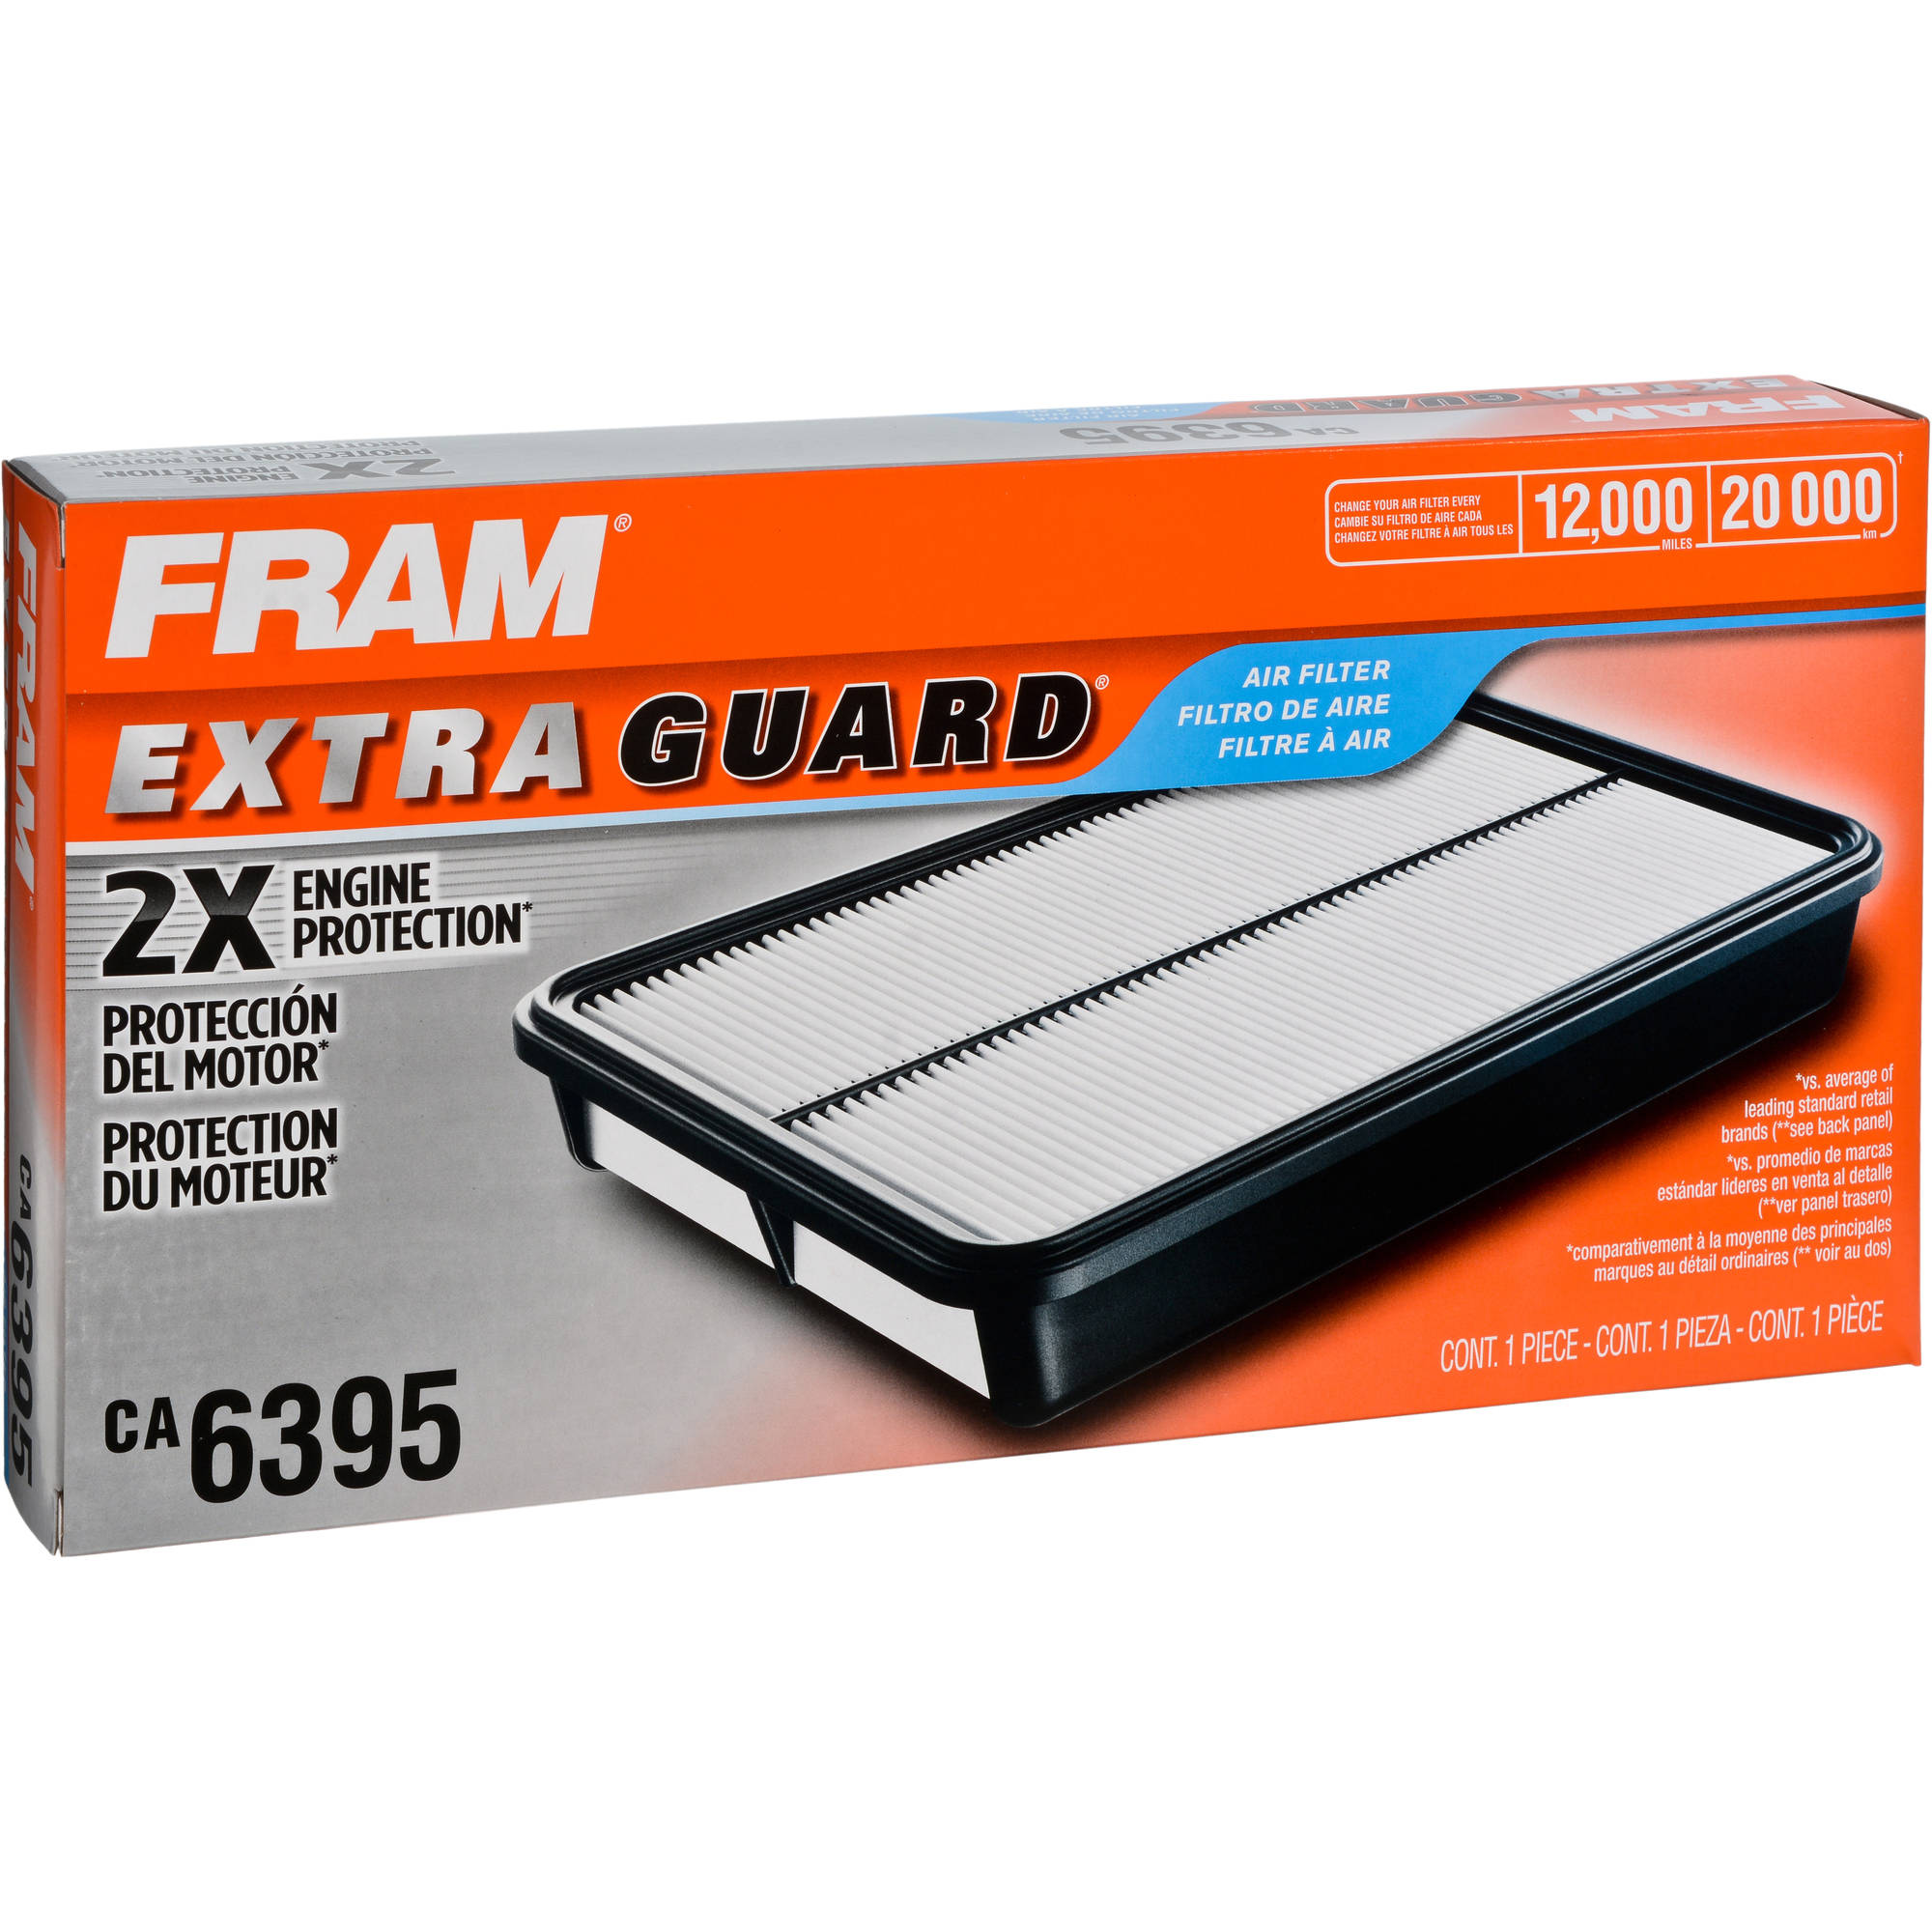 FRAM Extra Guard Air Filter, CA6395